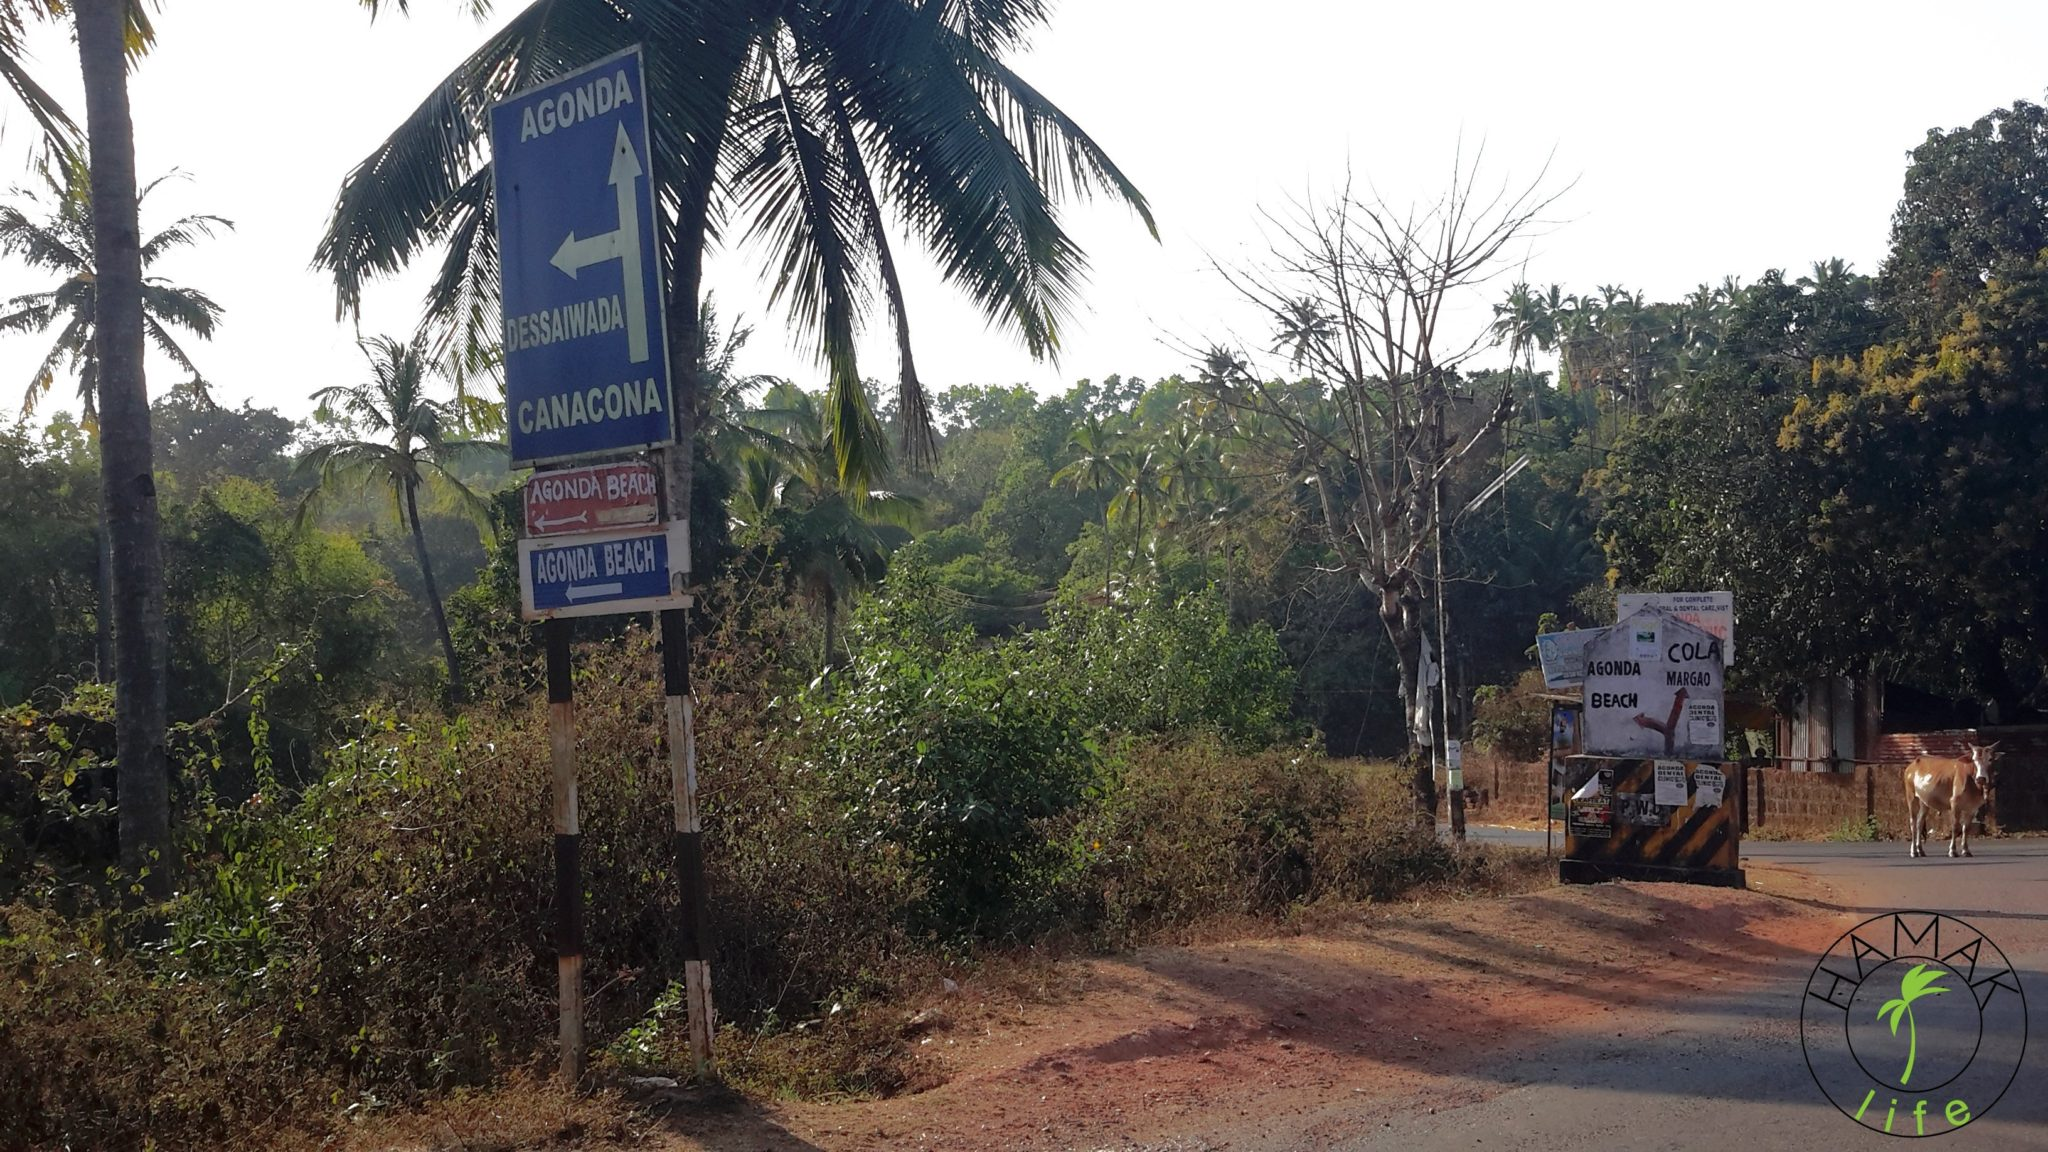 Skrzyżowanie na Goa. W Indiach.